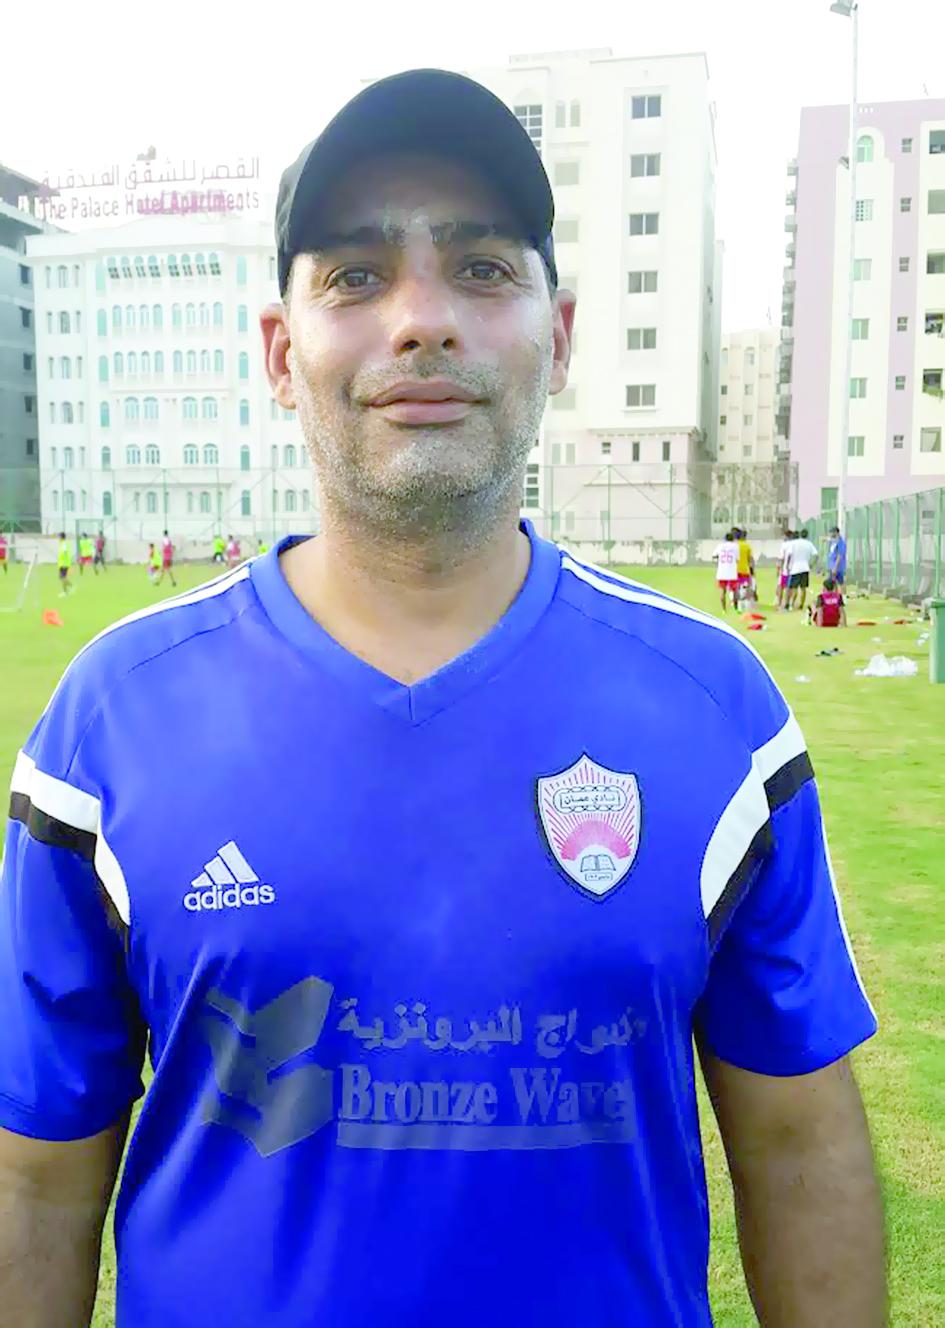 أكمل جاهزيته لانطلاق دوري عمانتلنادي عمان لكرة القدم يرفع شعار الهمة نحو القمة